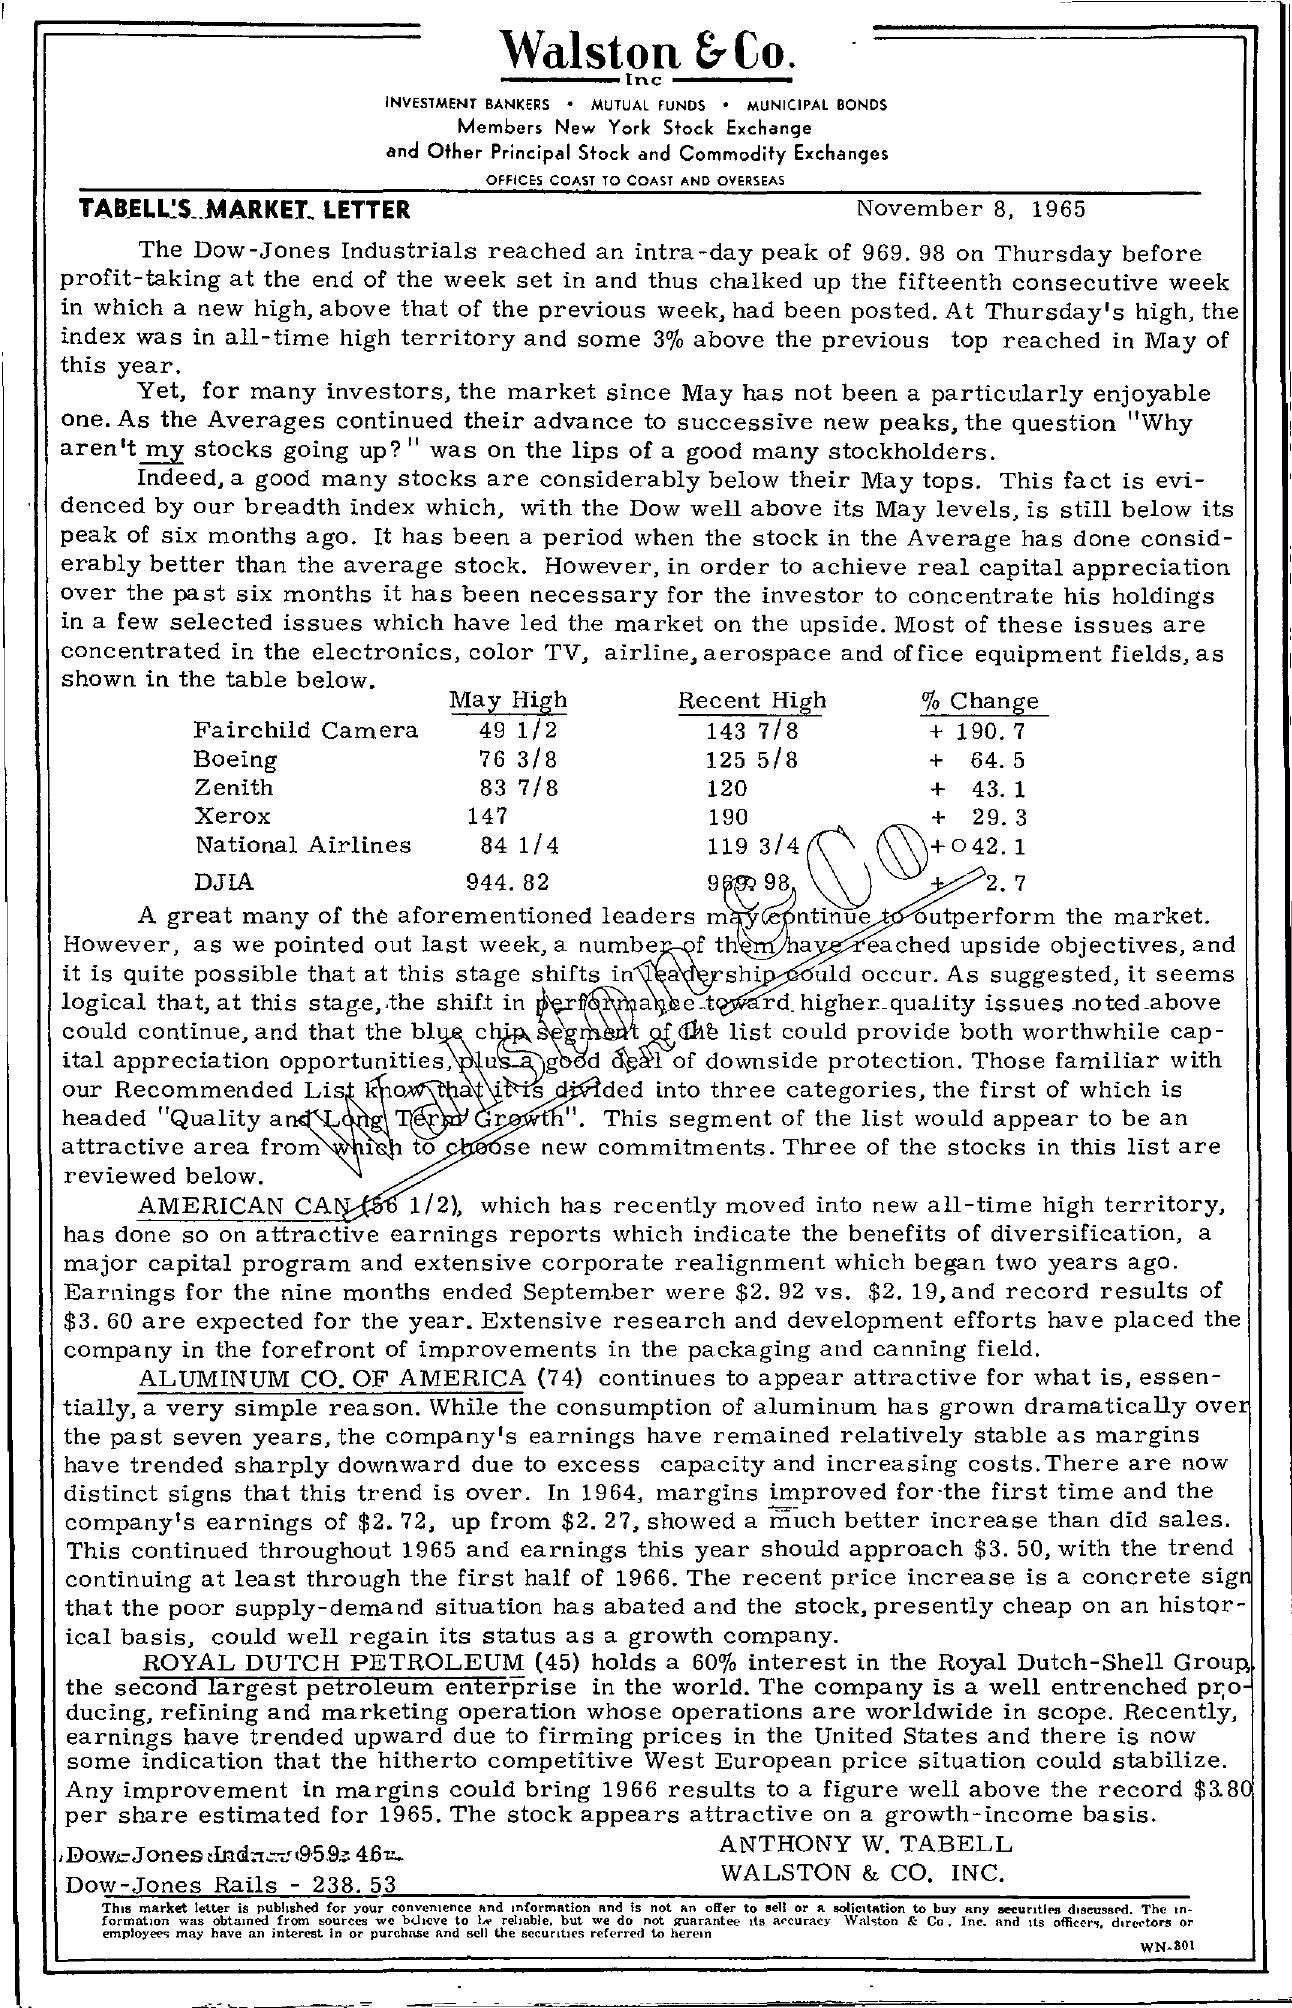 Tabell's Market Letter - November 08, 1965